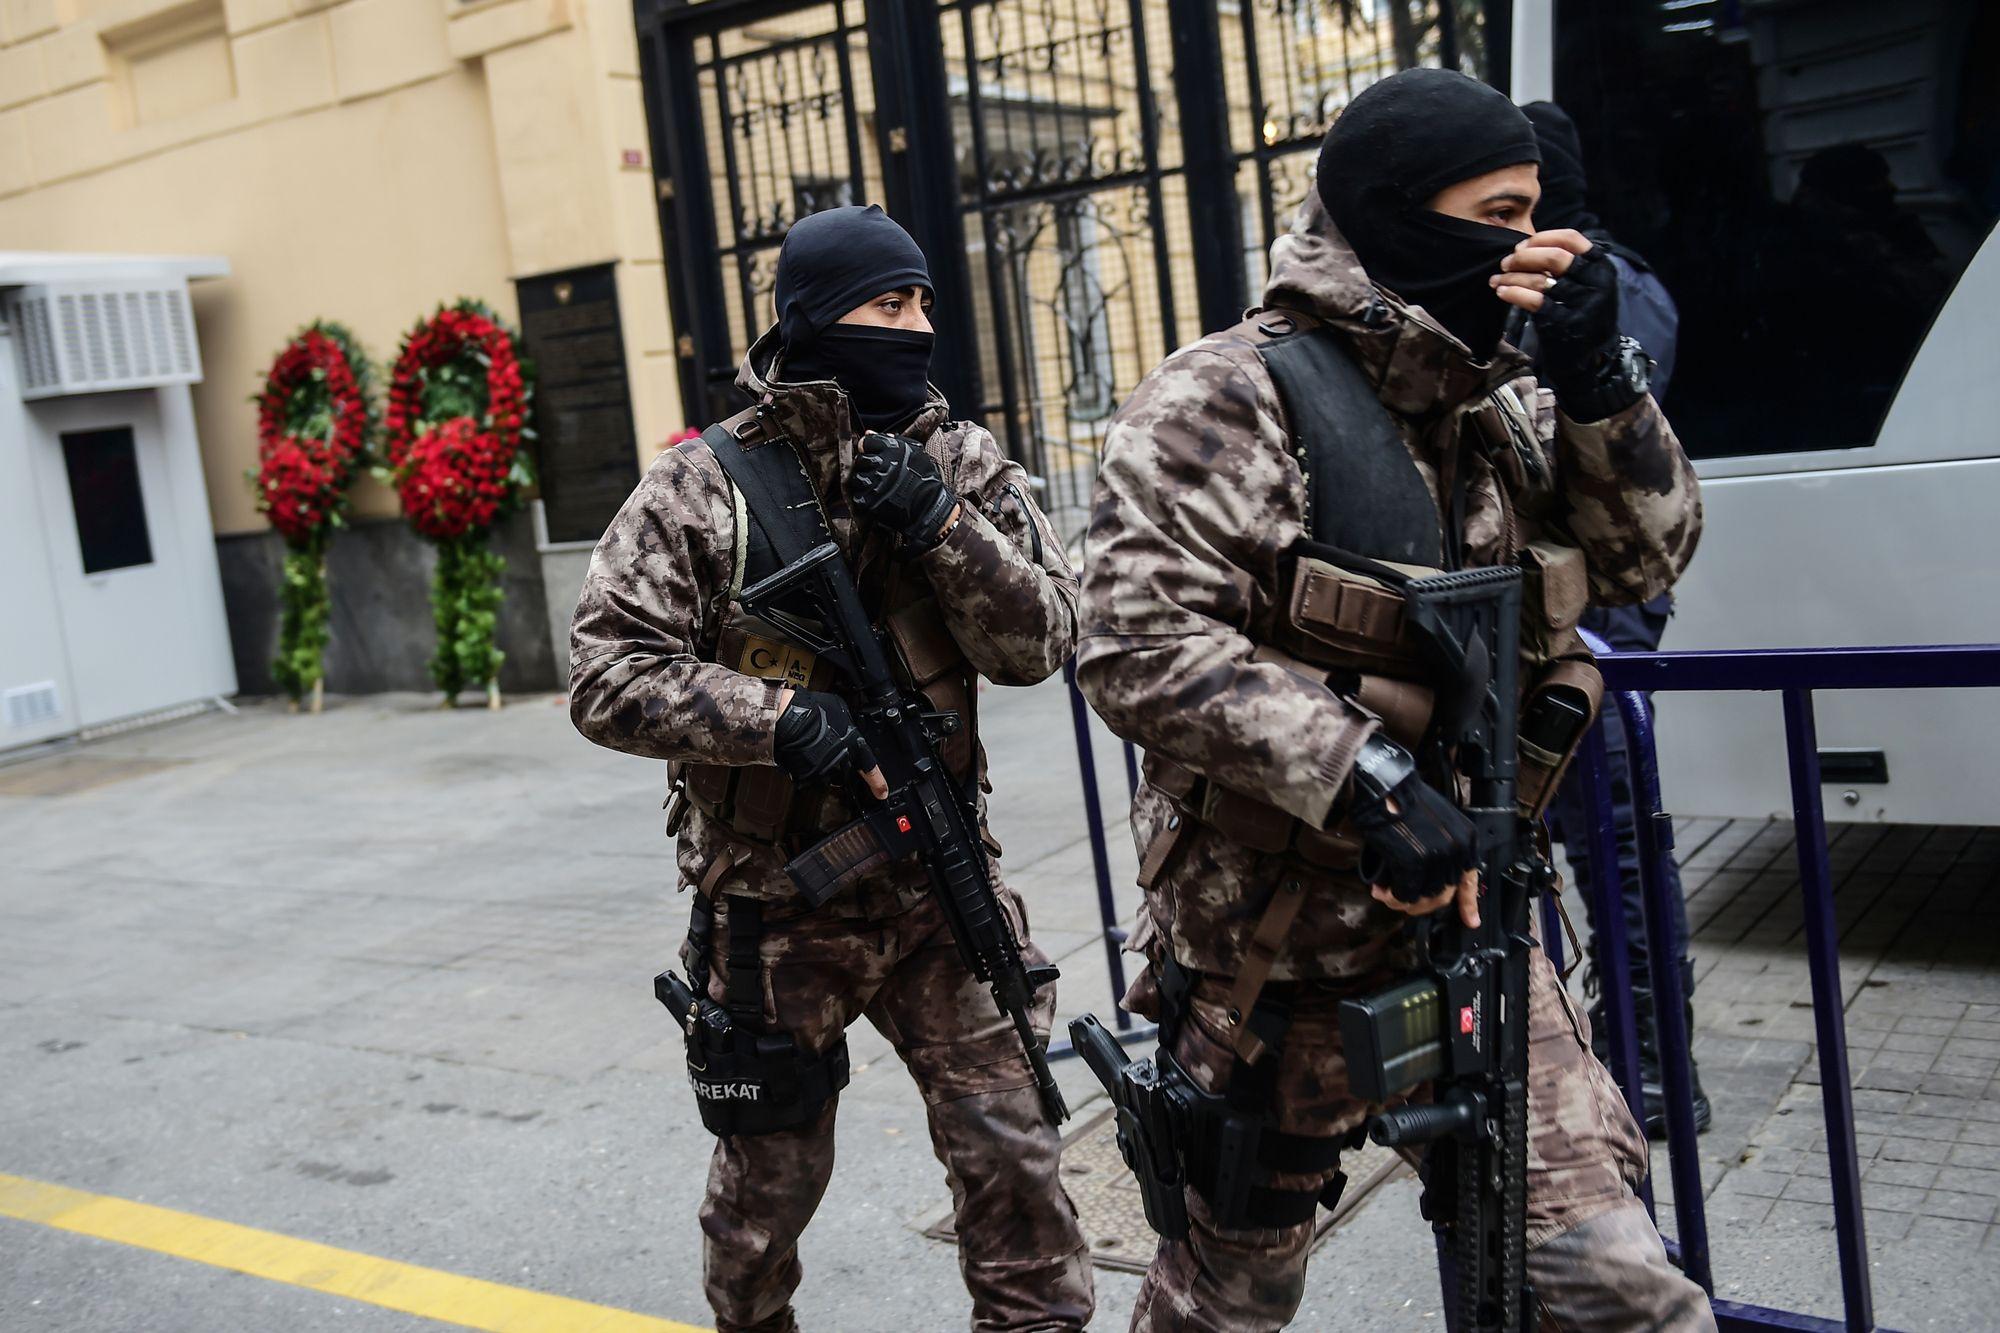 La police aurait arrêté environ 400 membres présumés de Daesh — Turquie